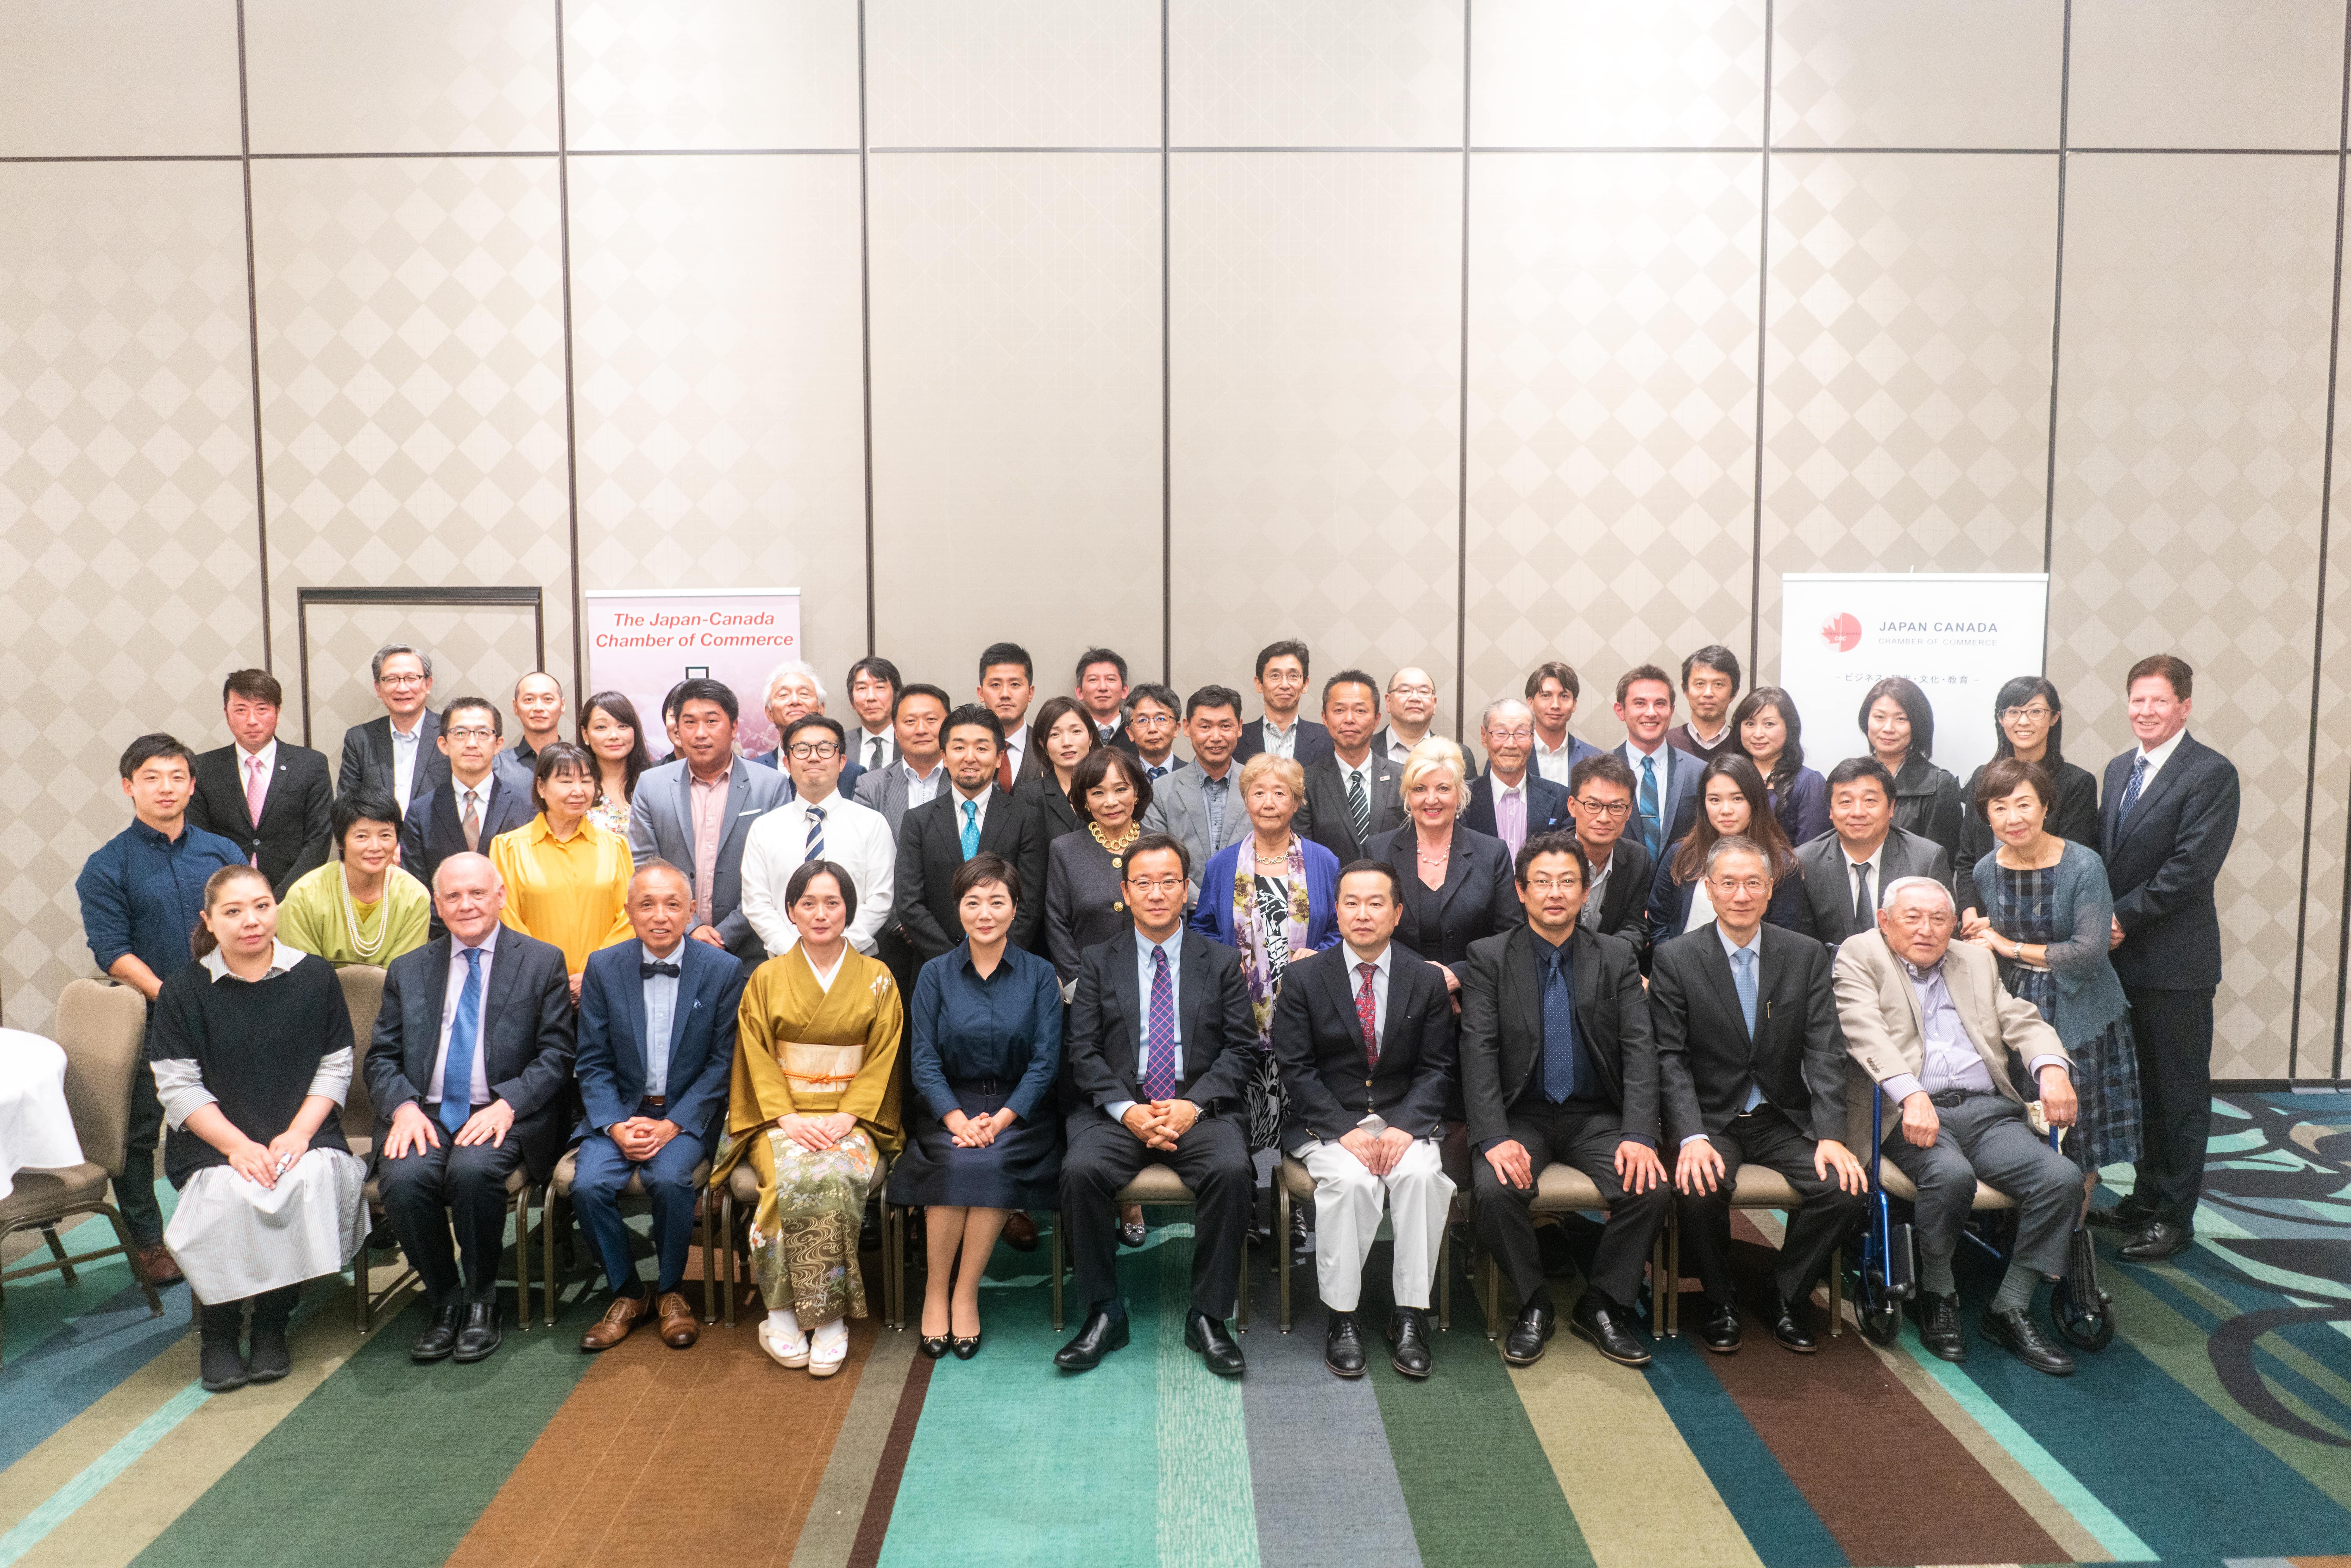 第16回 日本・カナダ商工会議所年次総会及び懇親会のご報告